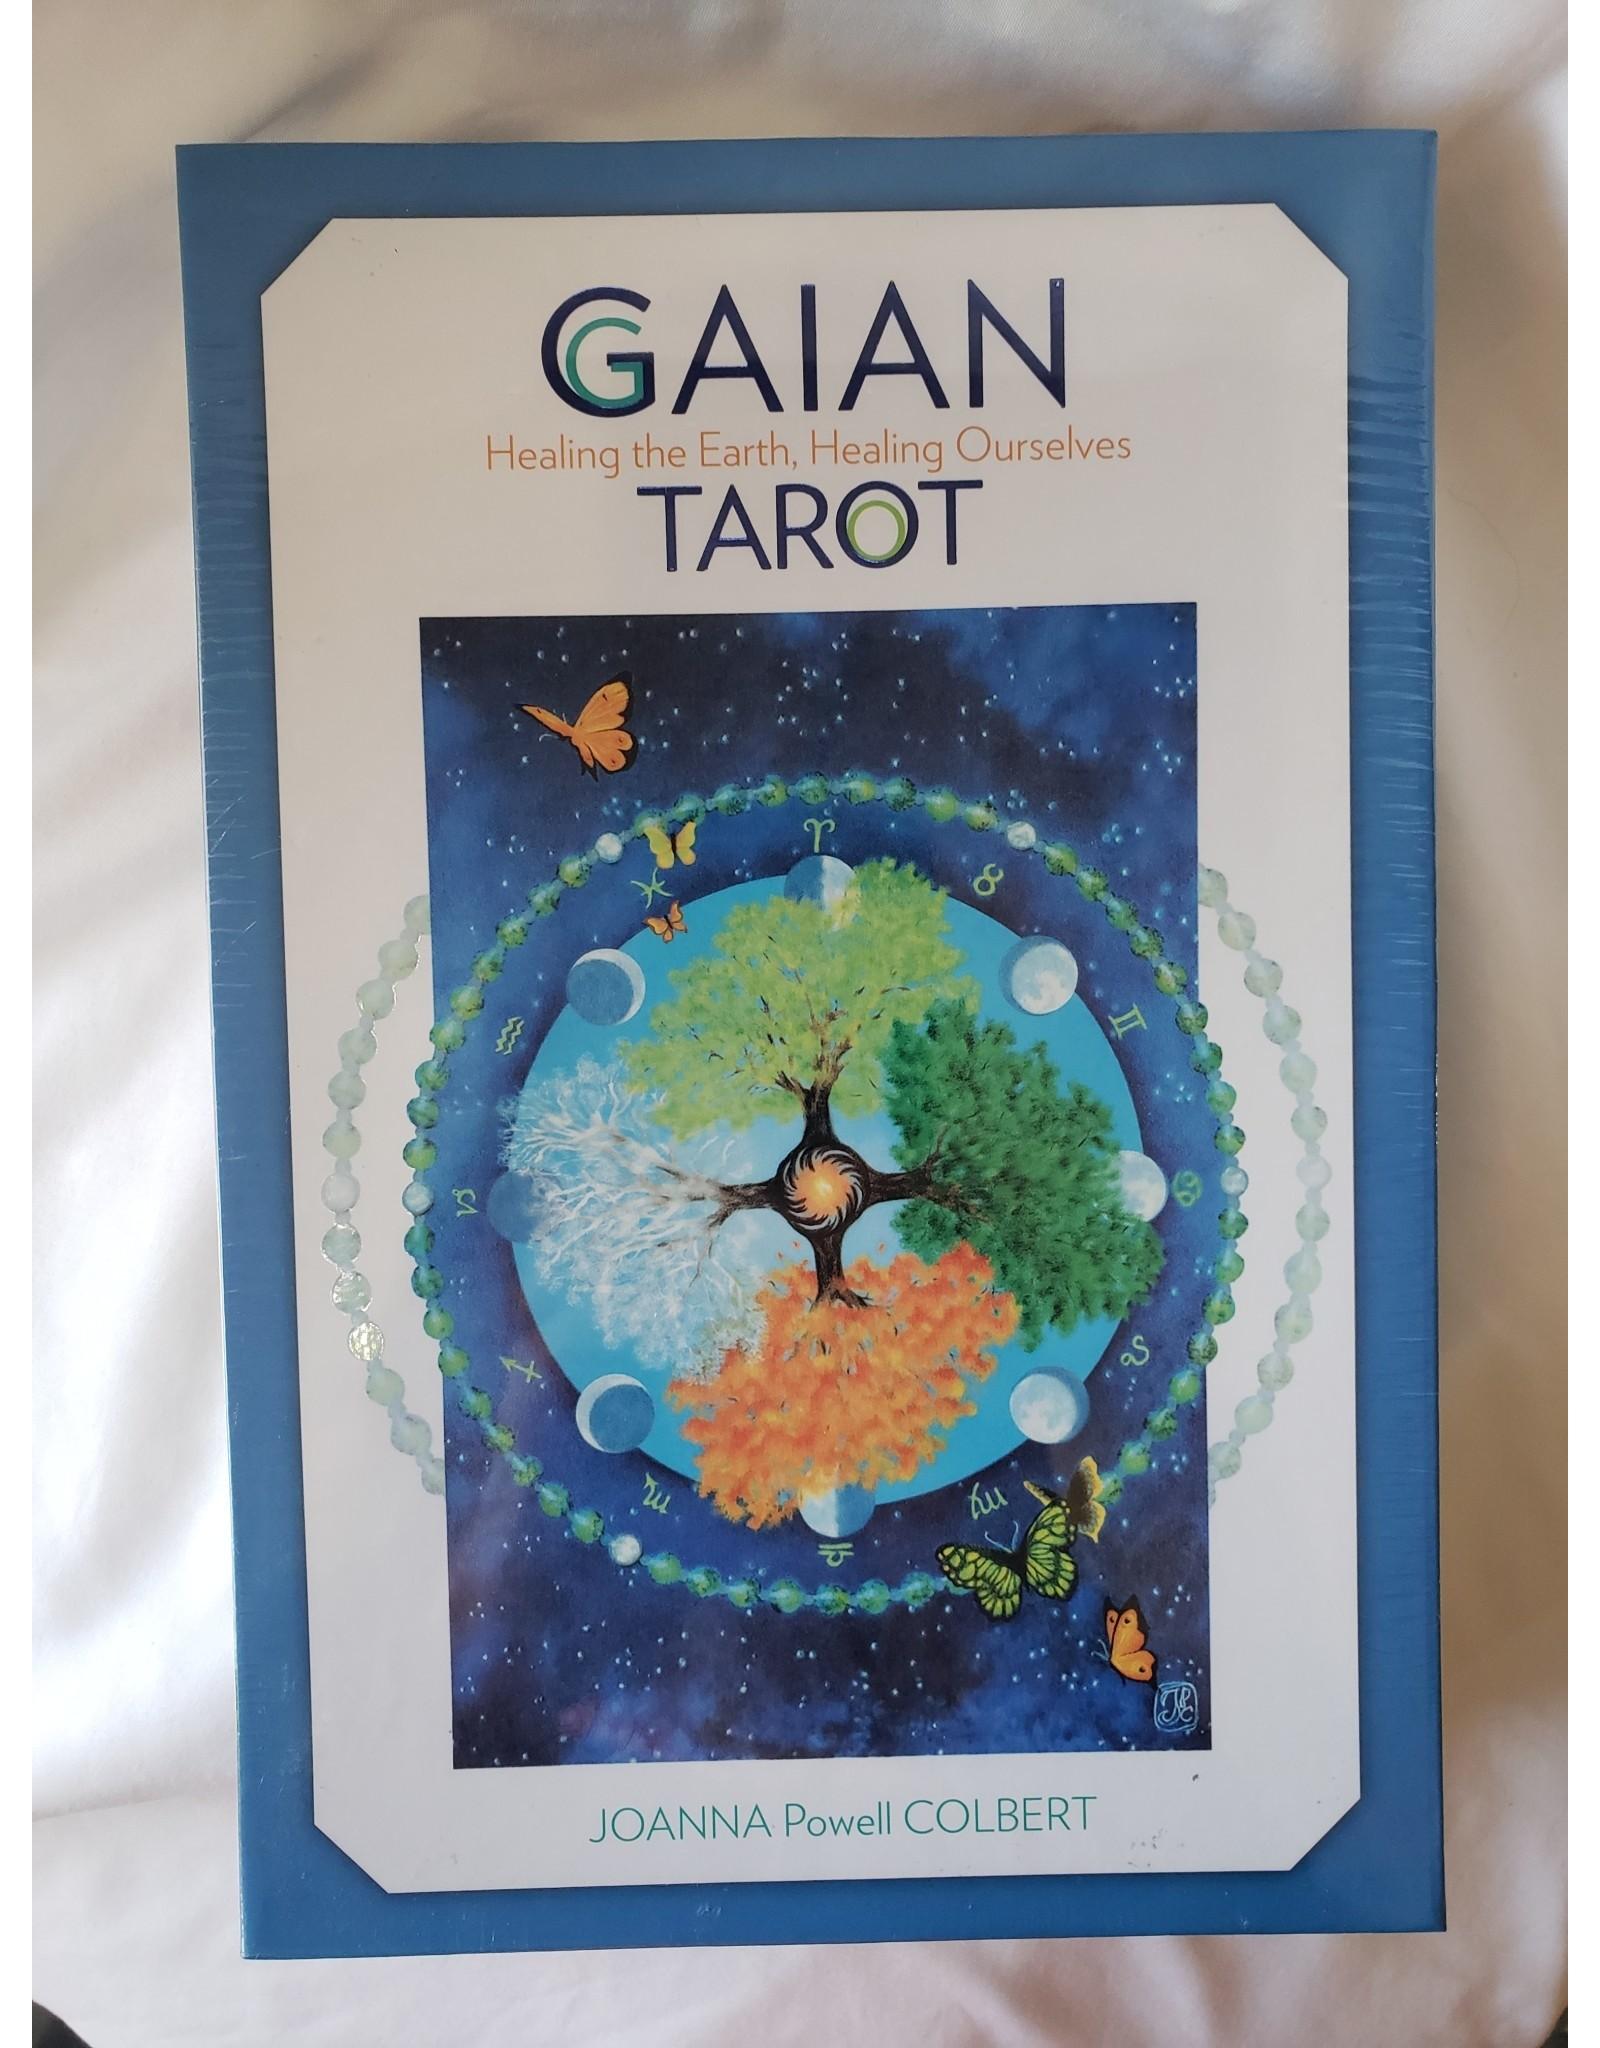 Gaian Tarot